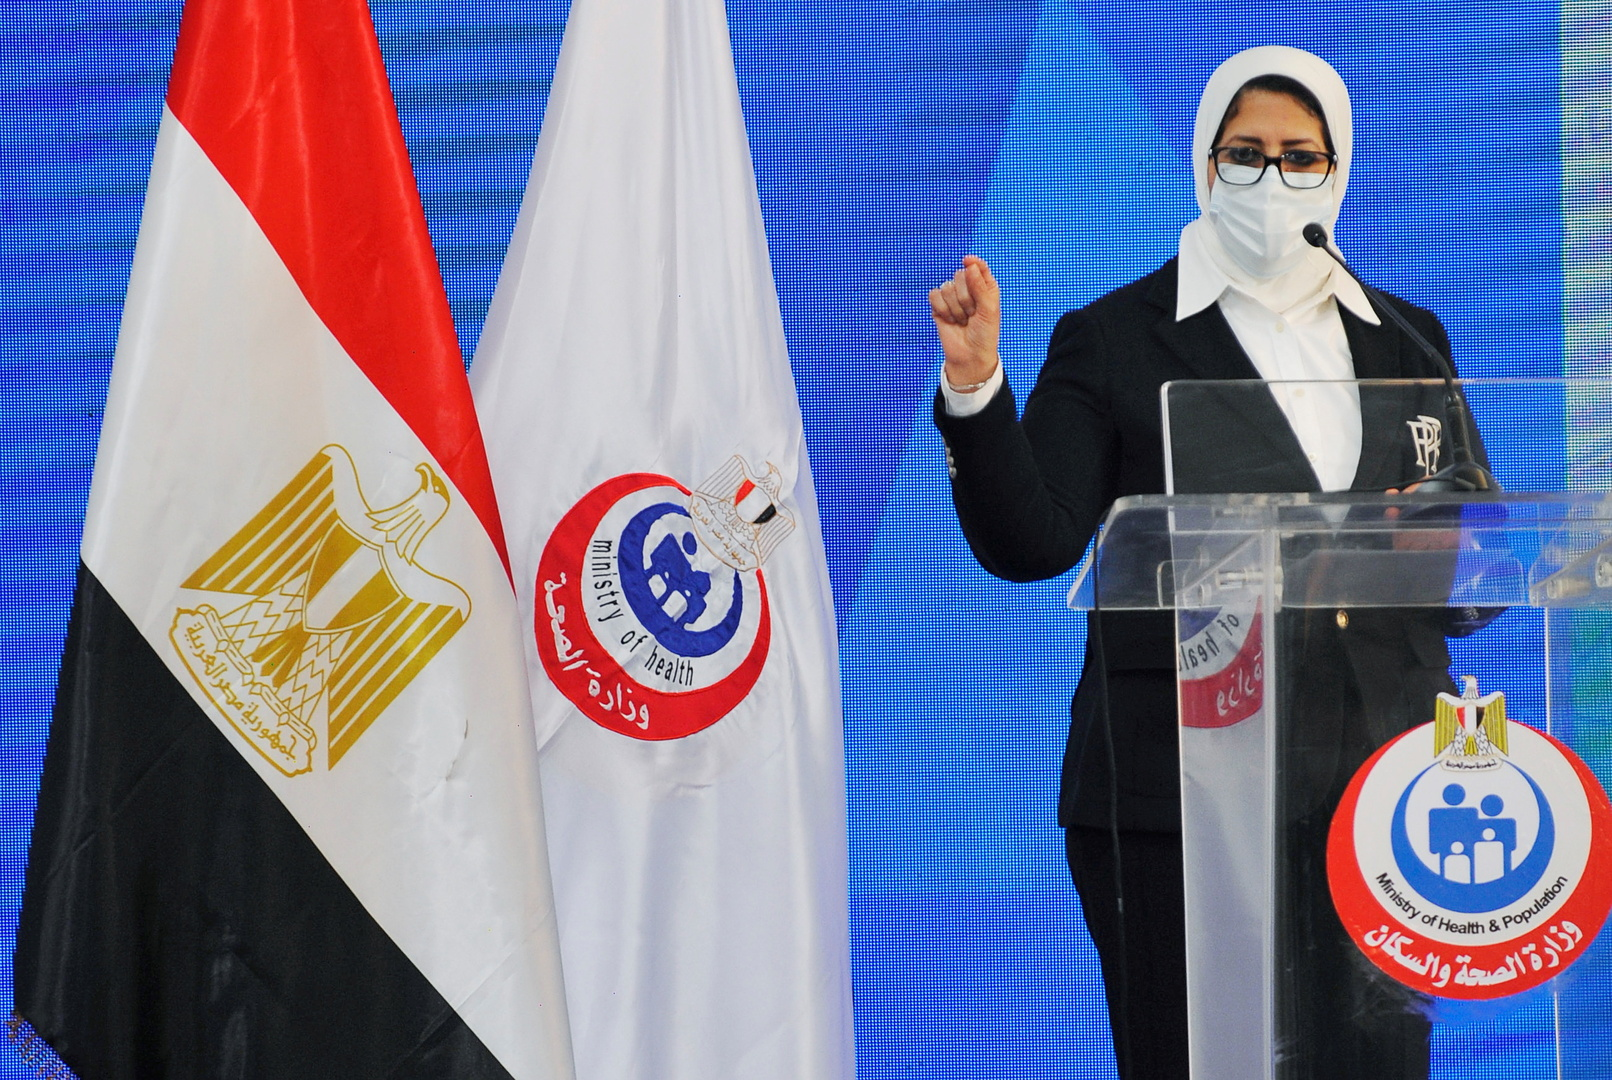 الصحة المصرية: ليس لدينا أي وثيقة علمية تجيز استخدام لقاحات كورونا لمن دون 18 عاما